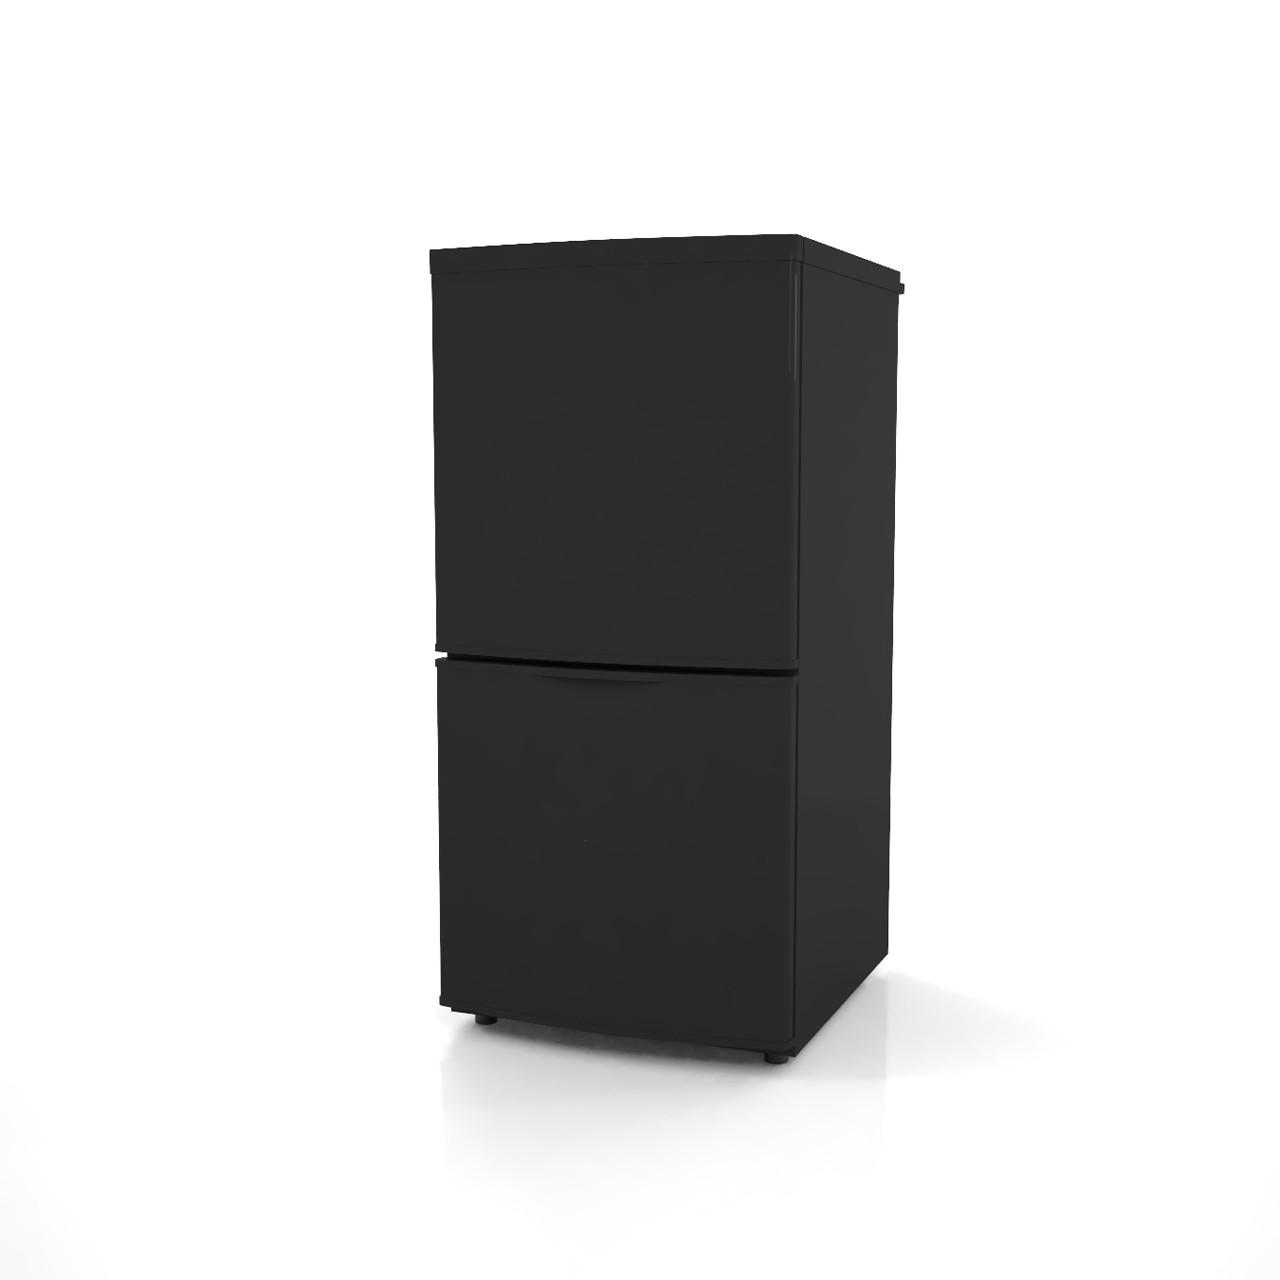 高さ1mサイズの小型の冷蔵庫(黒色)の3dCADデータ│インテリア 家電製品 冷蔵庫 refrigerator│3d cad データ フリー ダウンロード 無料 商用可能 建築パース フリー素材 formZ 3D 3ds obj Free download│digital-architex.com